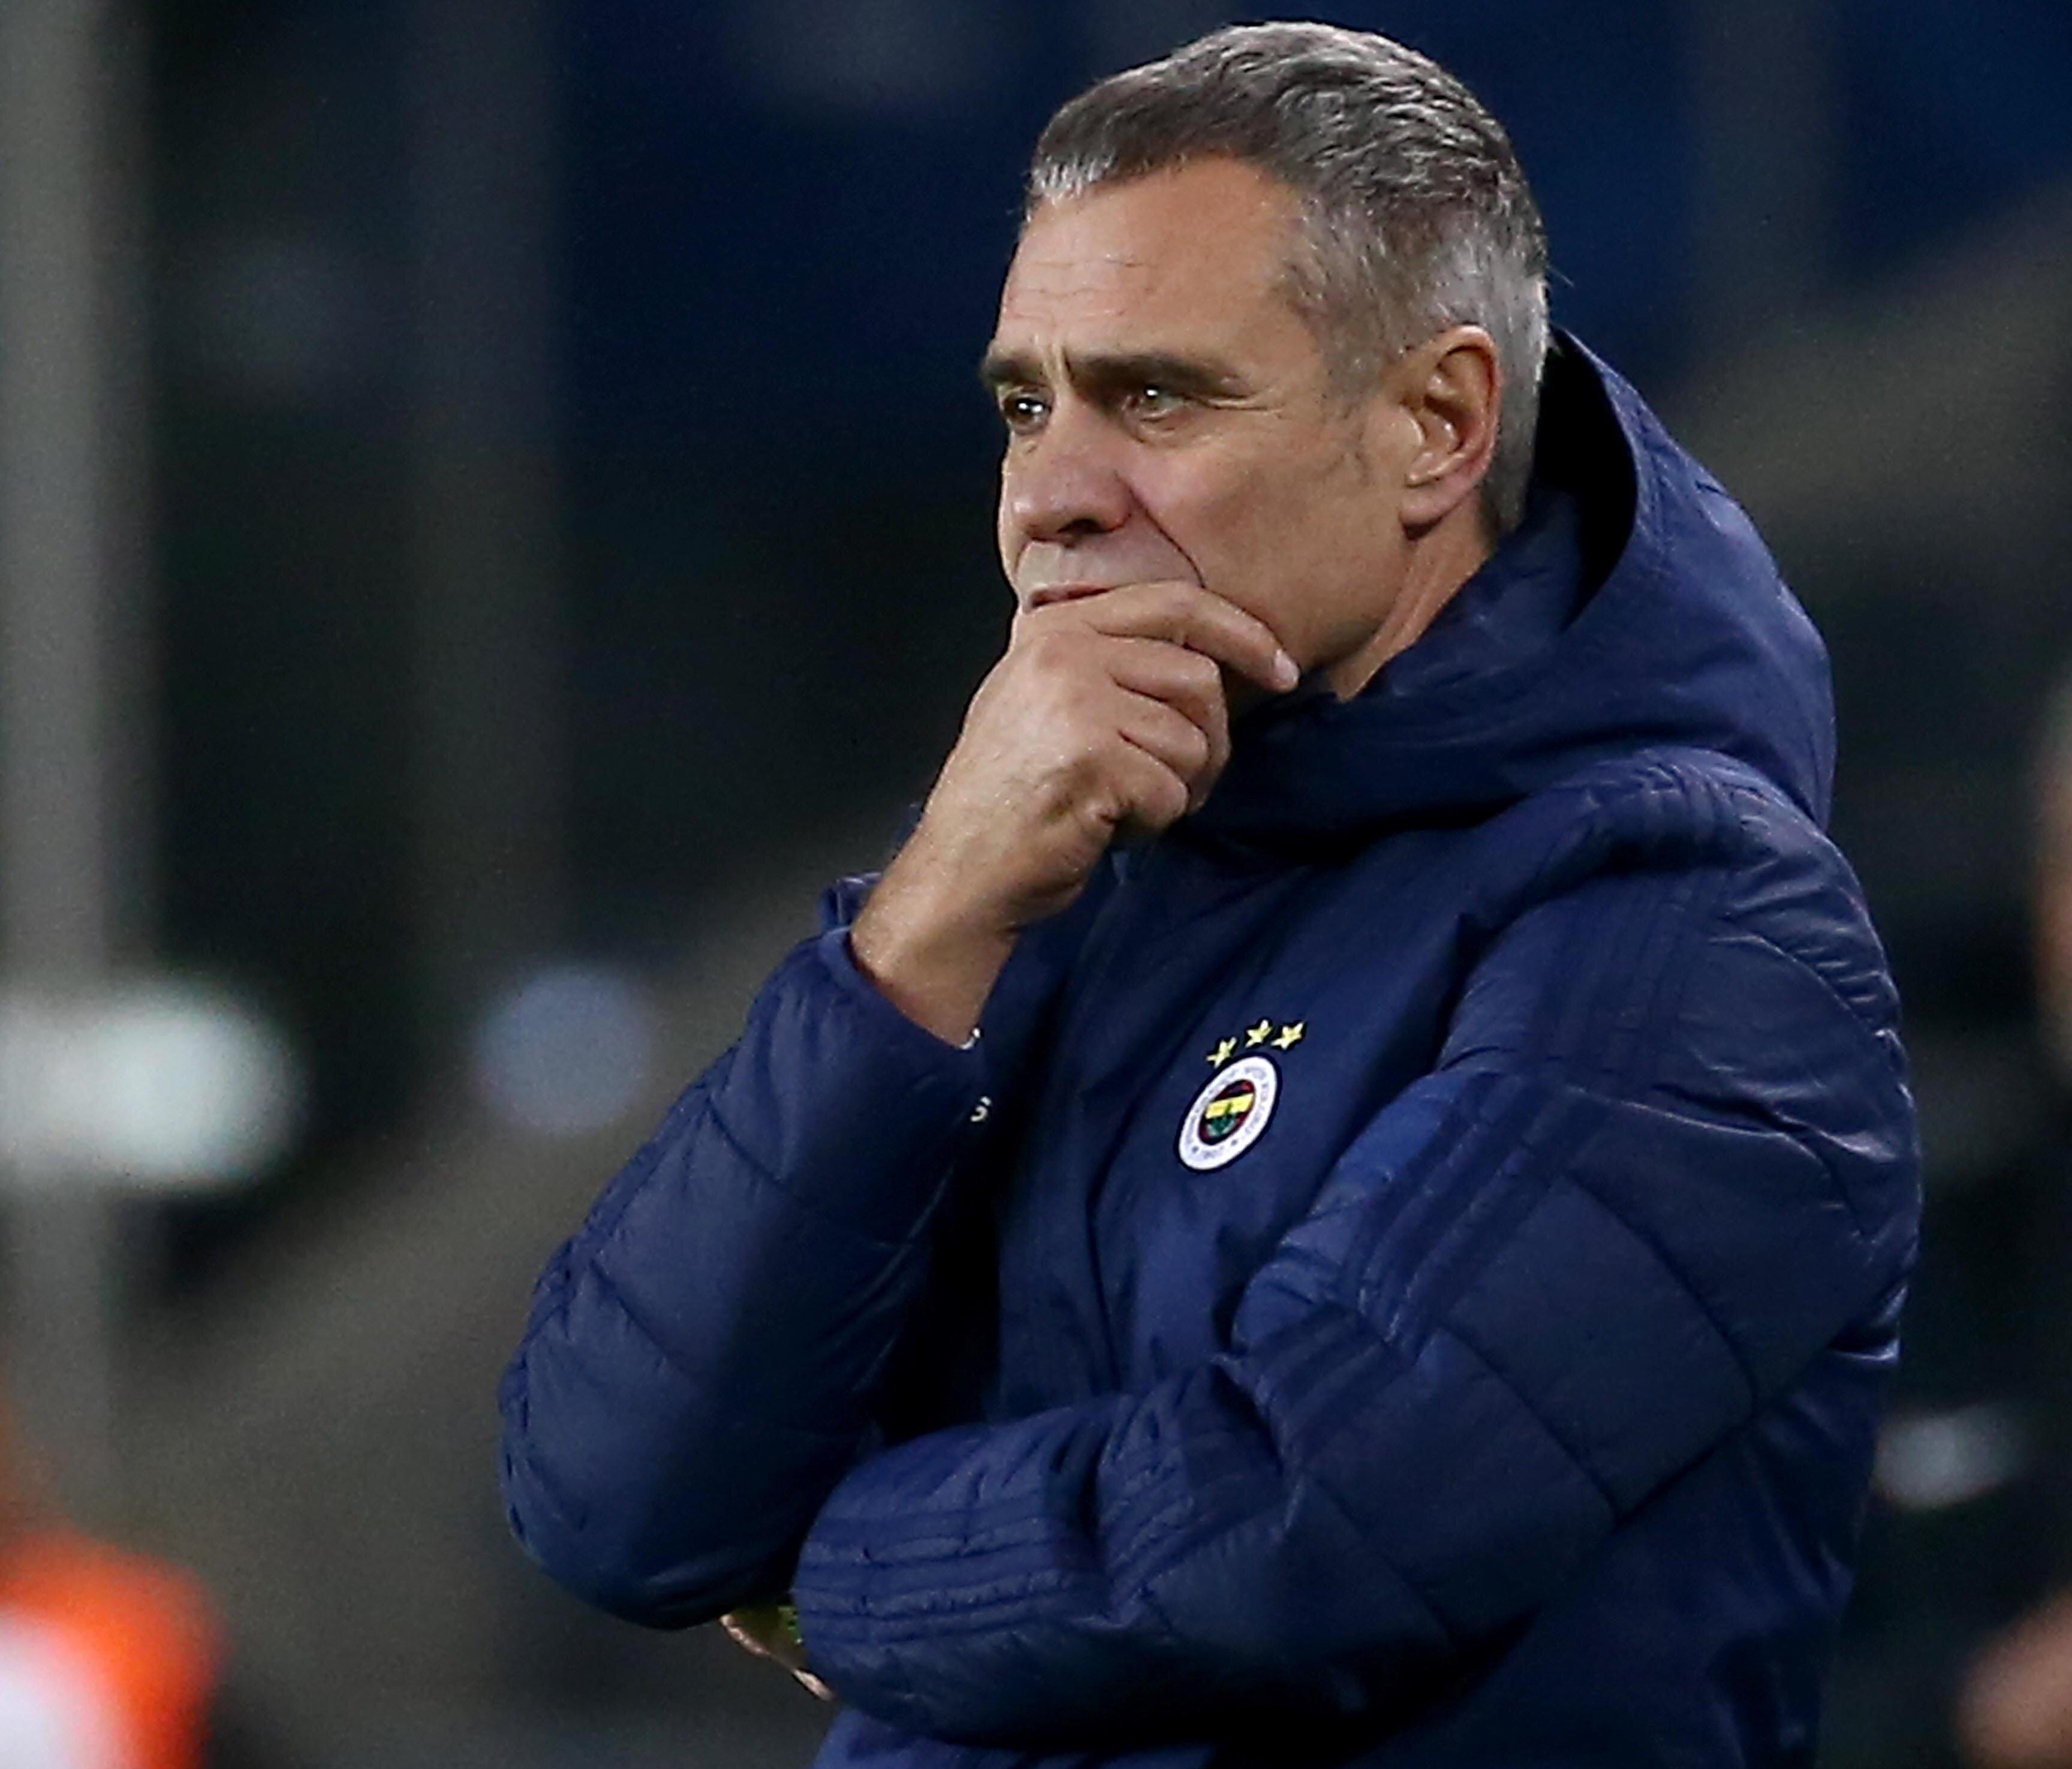 Fenerbahçe'de kurtarıcı olarak görülen Ersun Yanal, çıktığı 6 resmi maçta sadece 1 galibiyet alabildi ve Türkiye Kupası'ndan elendi.